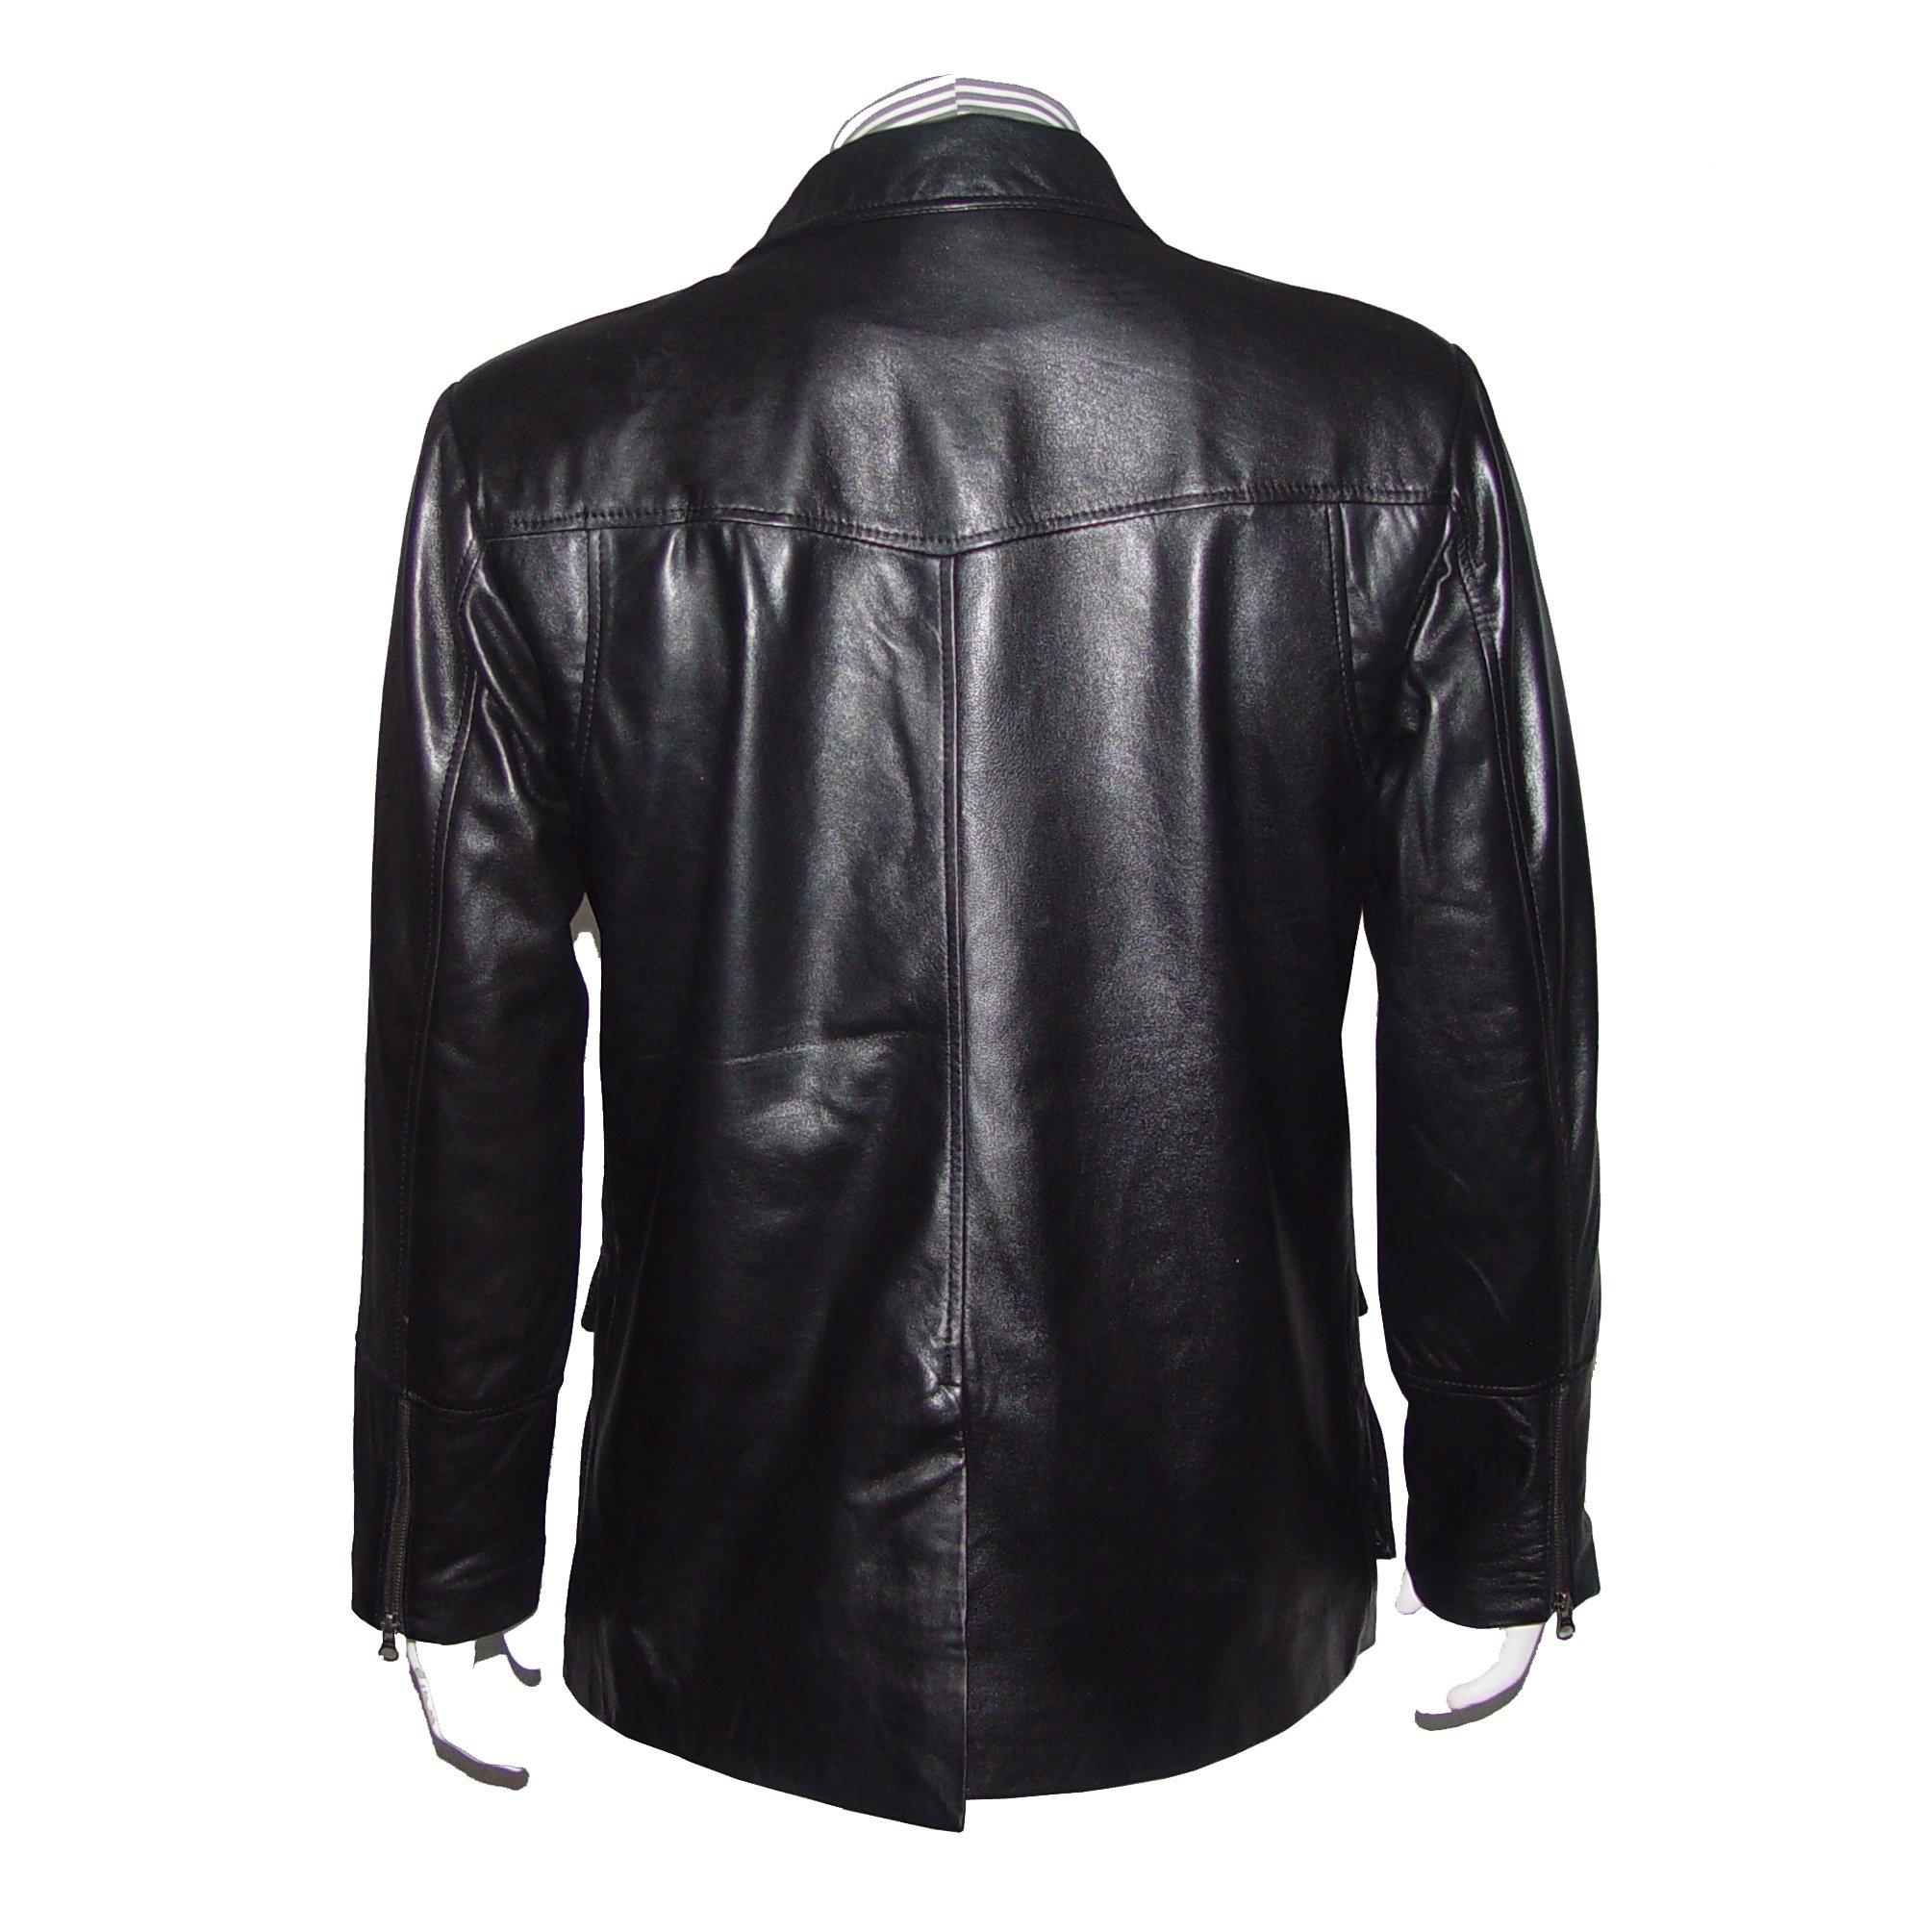 Nettailor Mens 1114 FOUR Season Wearable Leather Fancy Casual Blazer by NETTAILOR (Image #3)